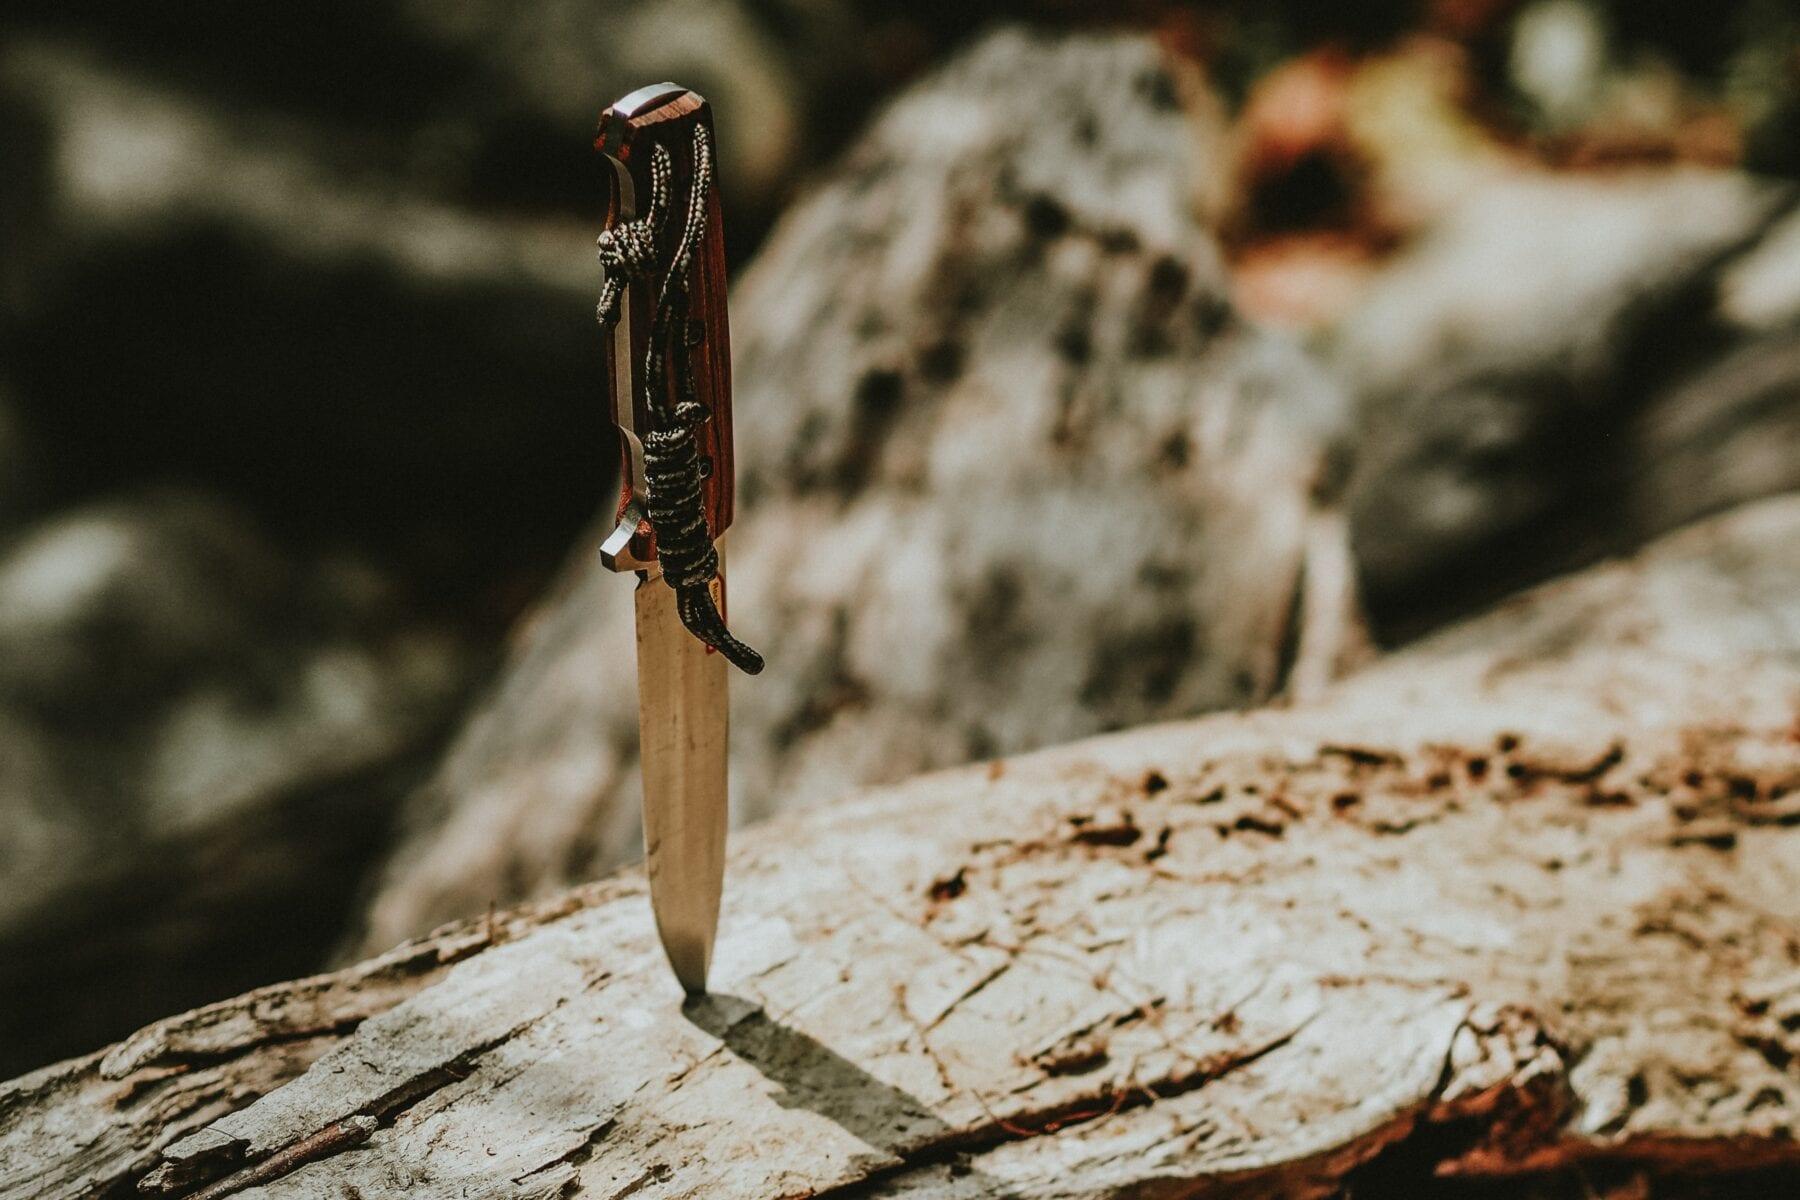 Gear om te overleven in de natuur